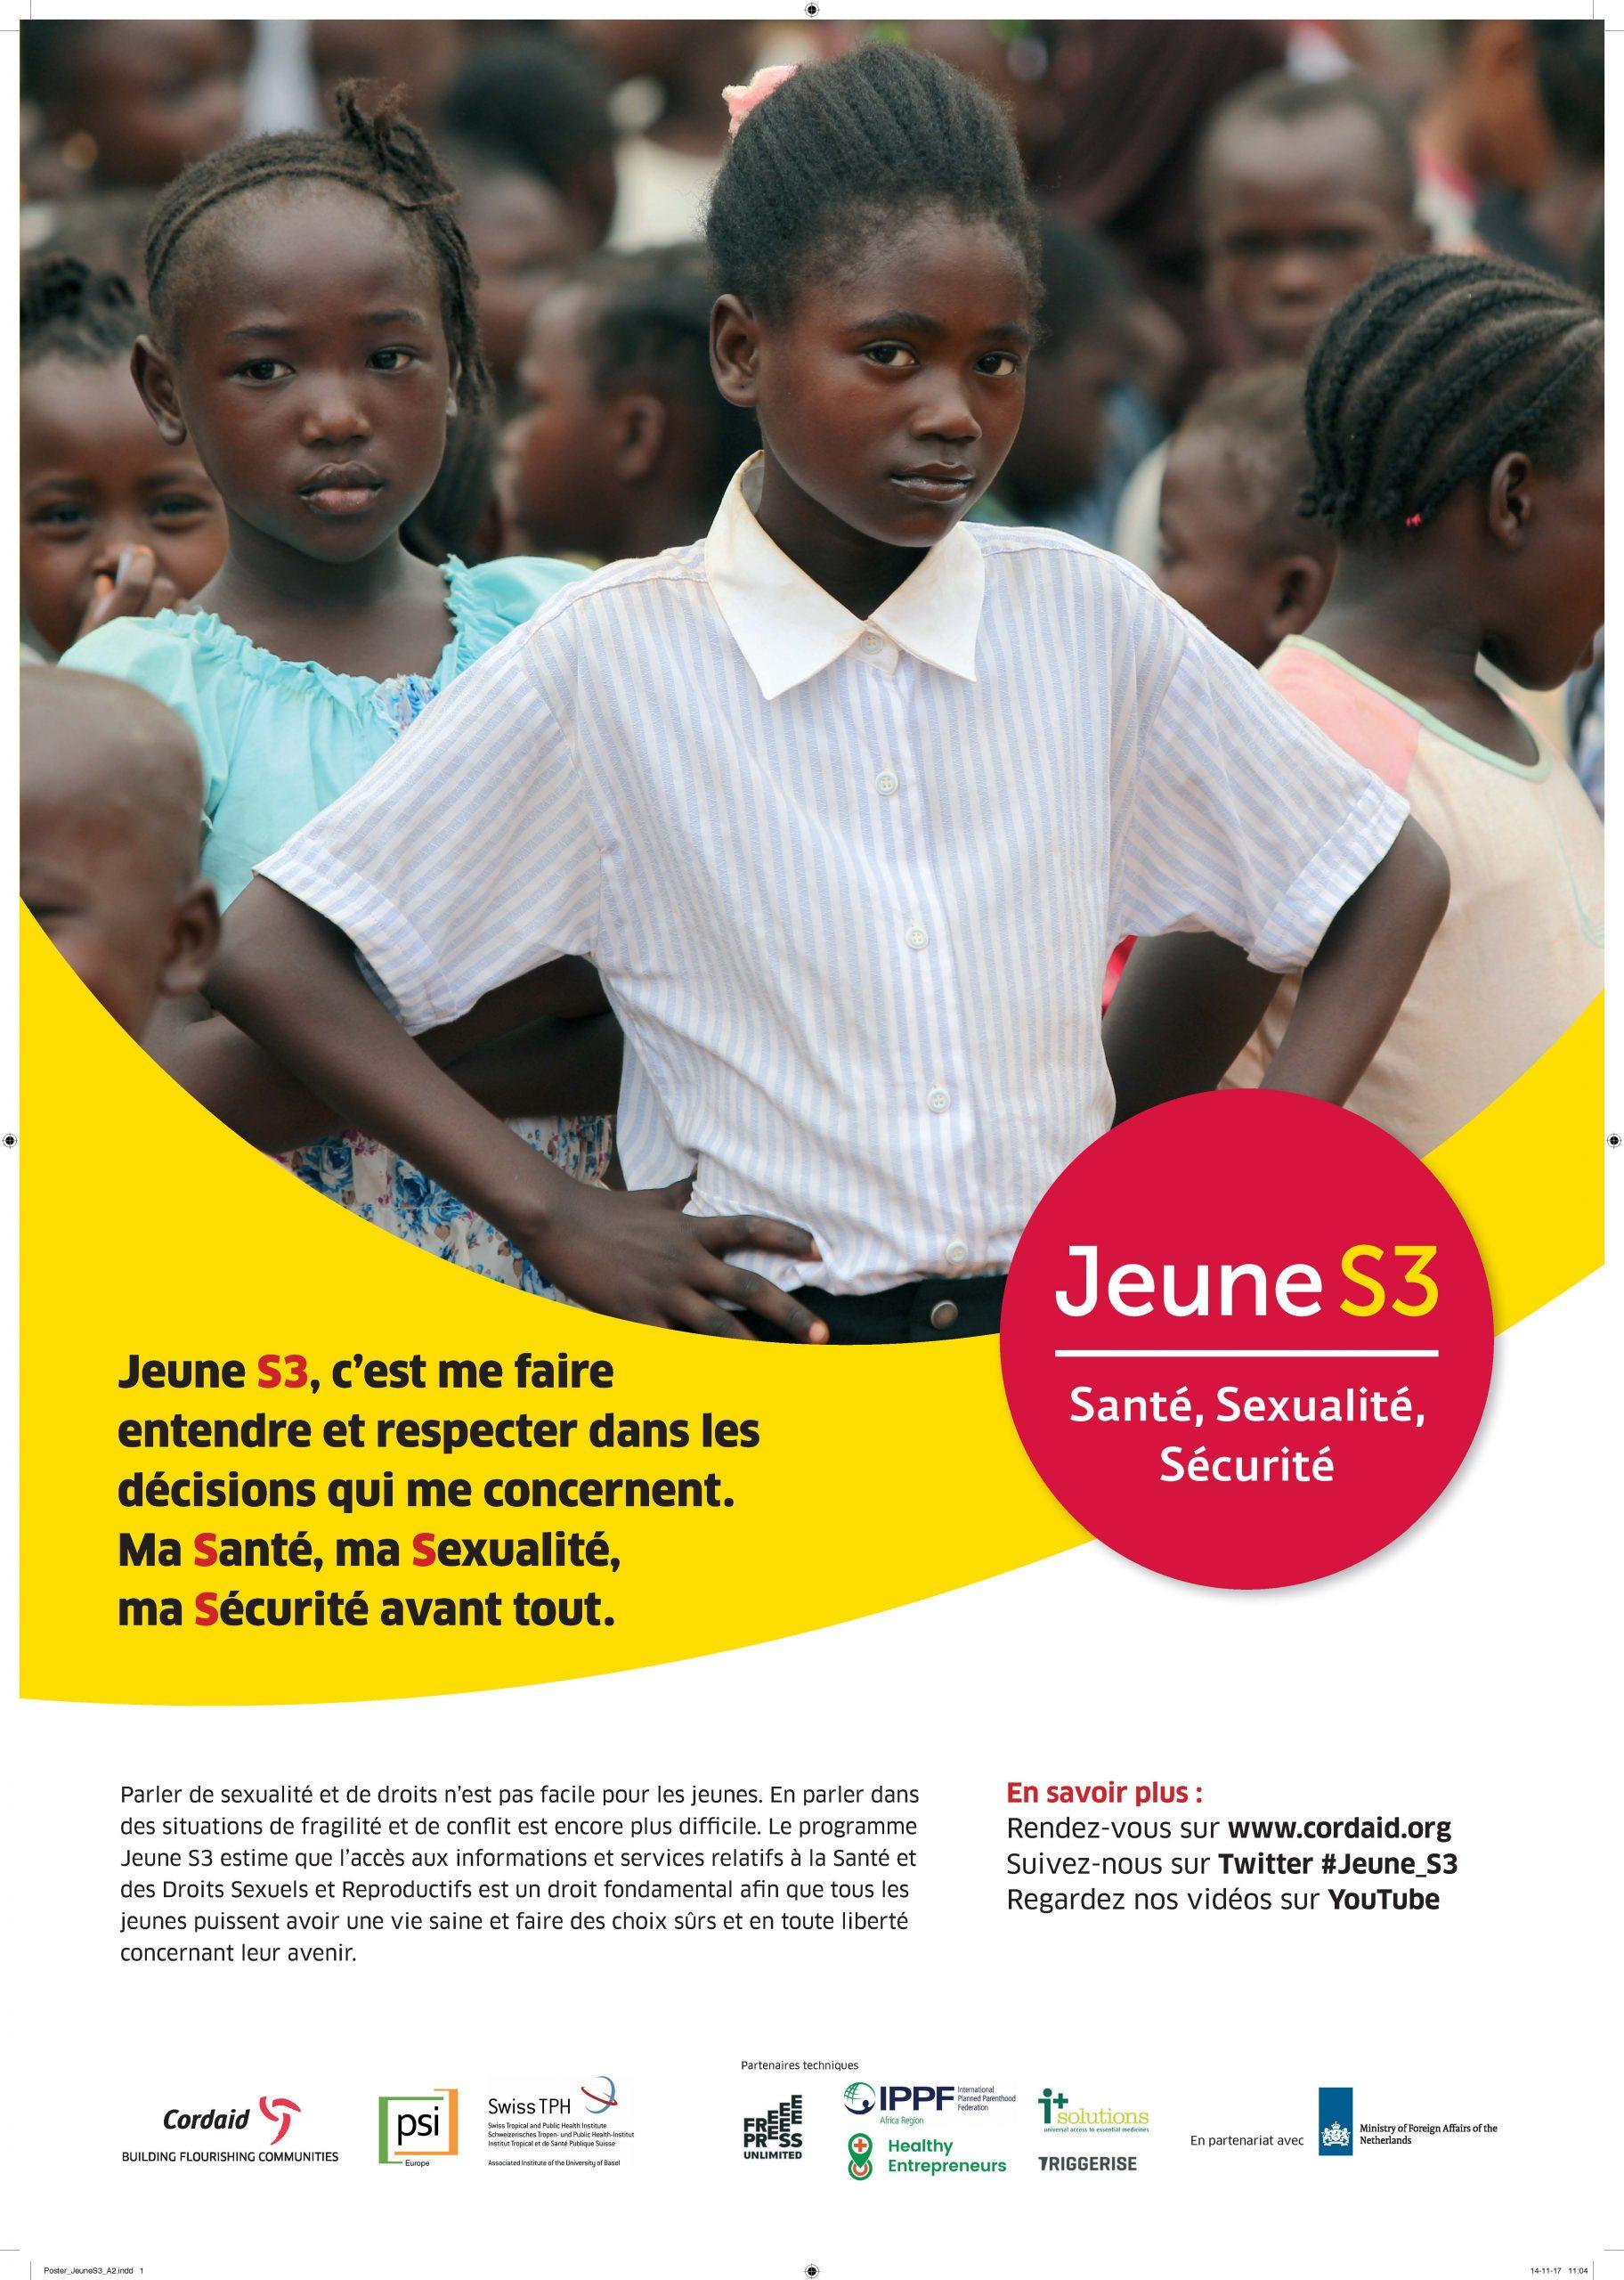 Jeune S3 Poster Series